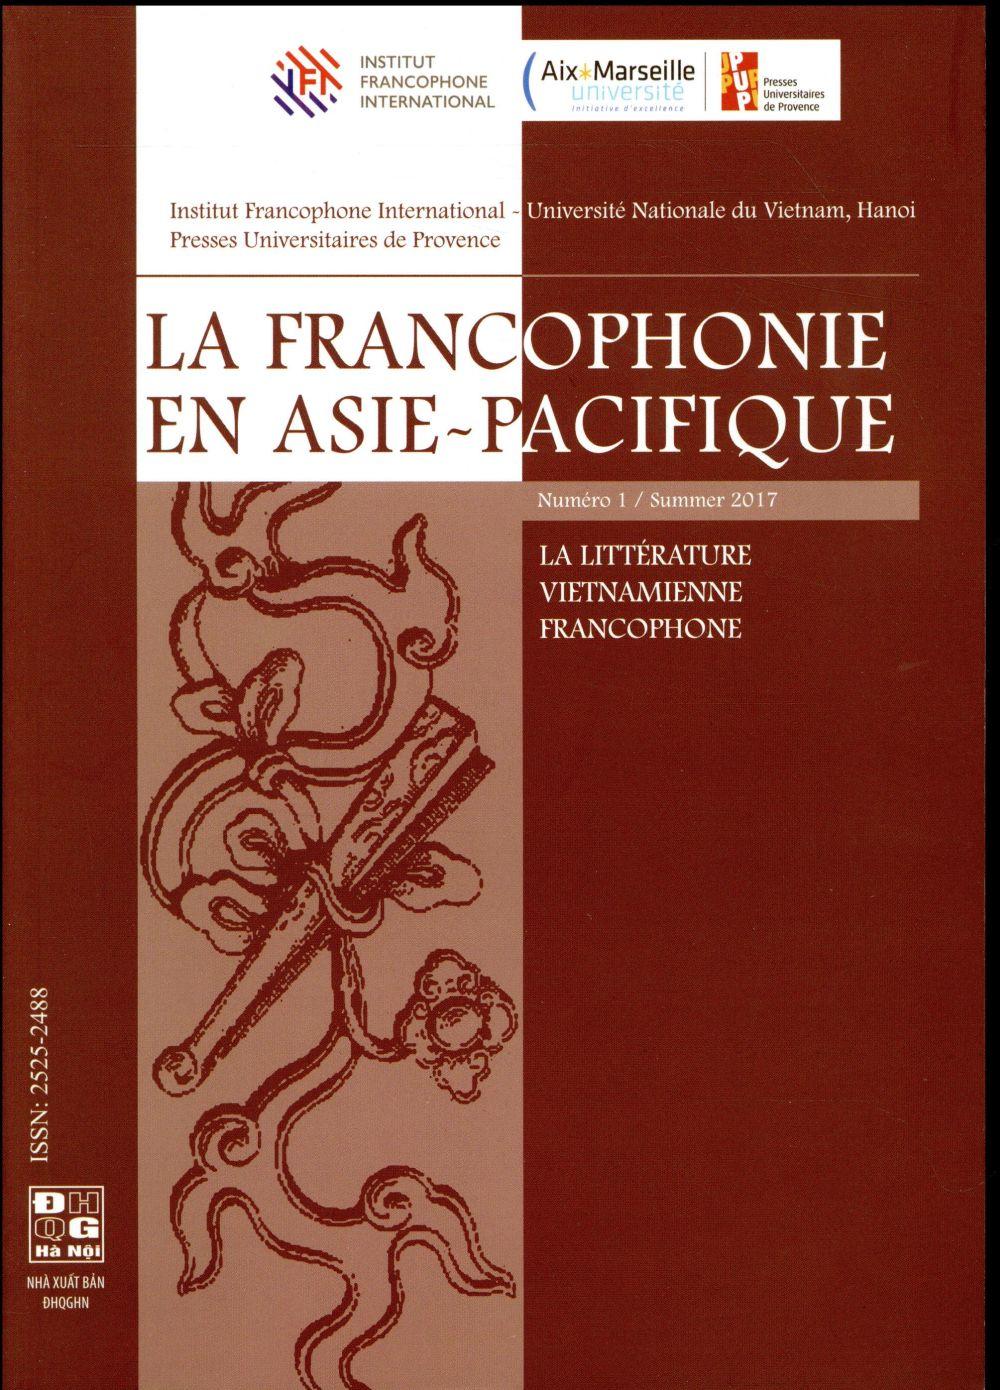 LA LITTERATURE VIETNAMIENNE FRANCOPHONE